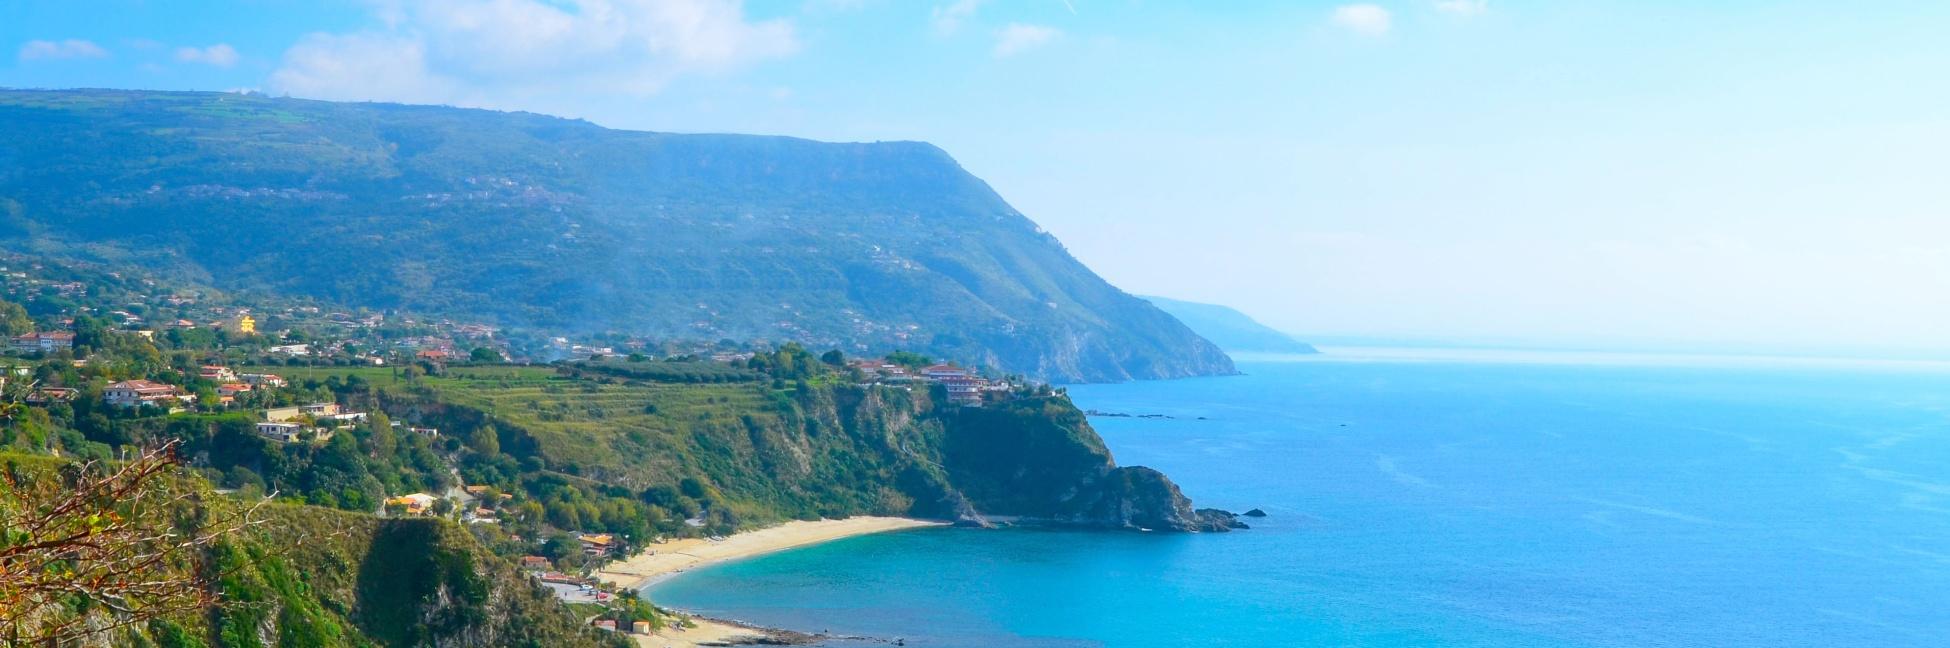 Côtes italiennes surplombants la mer méditerranée